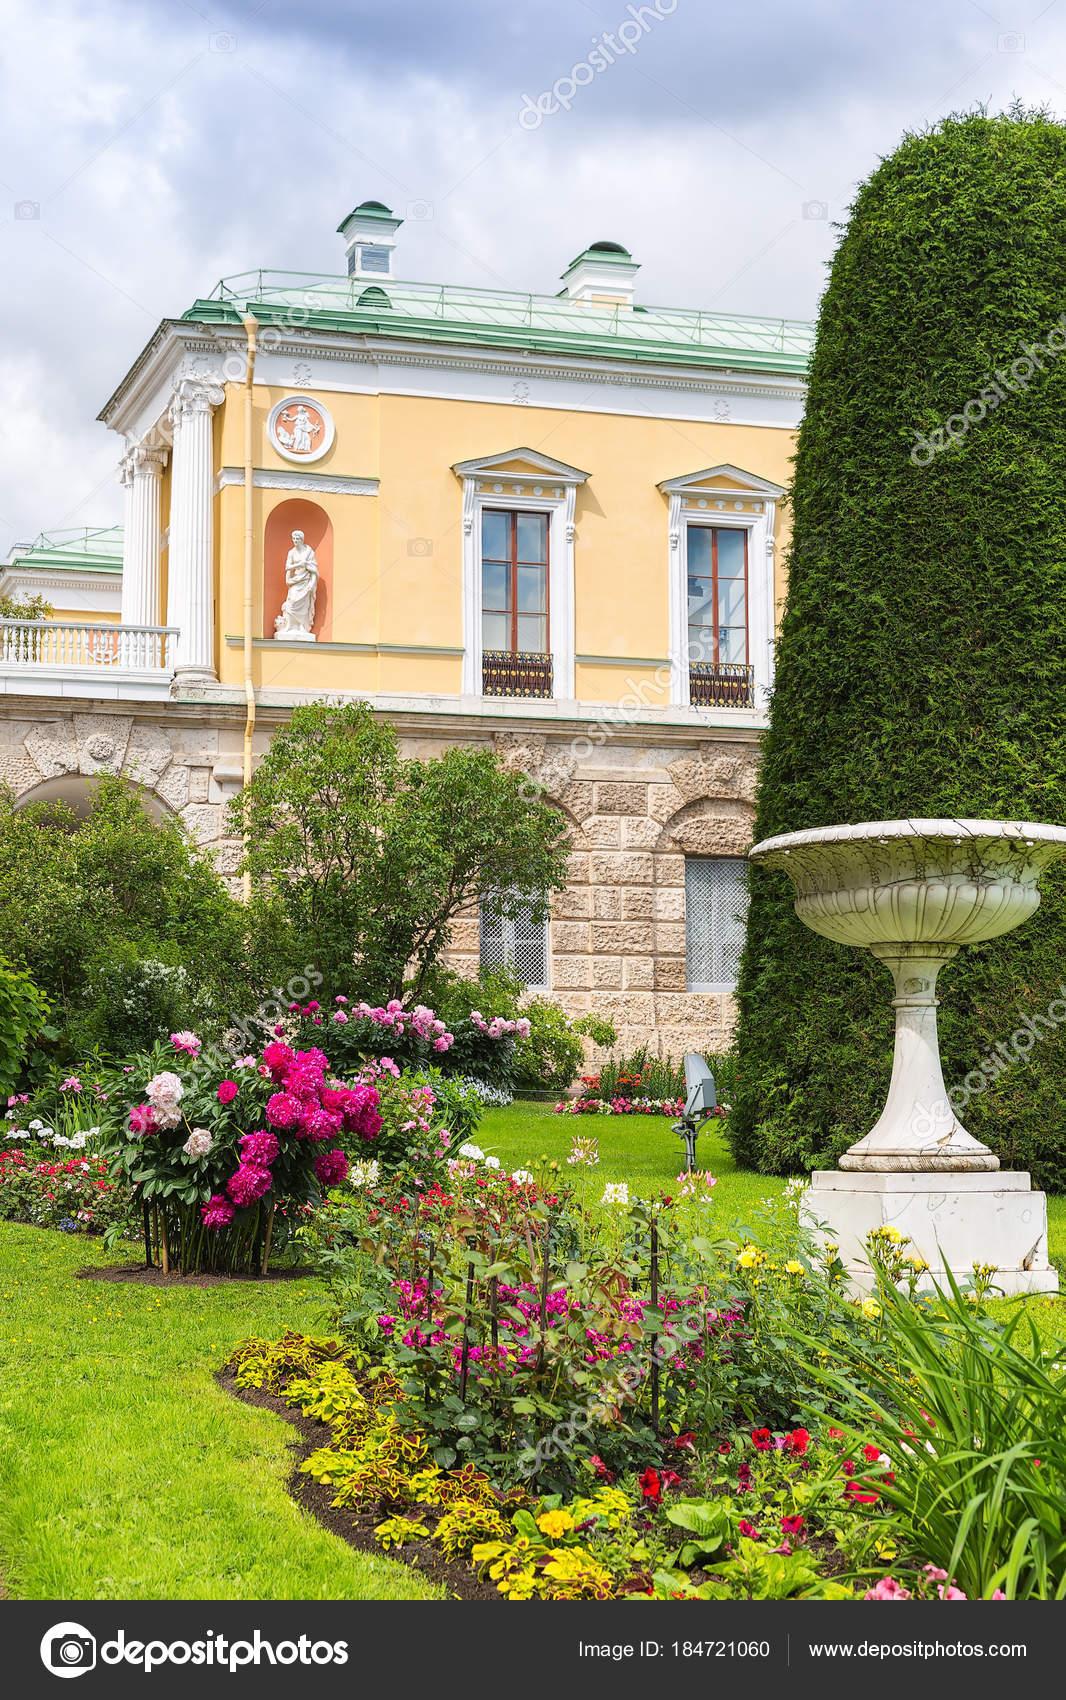 Génial Que Faire Avec Une Vieille Baignoire vieille baignoire avec ses célèbres chambres agate parc catherine